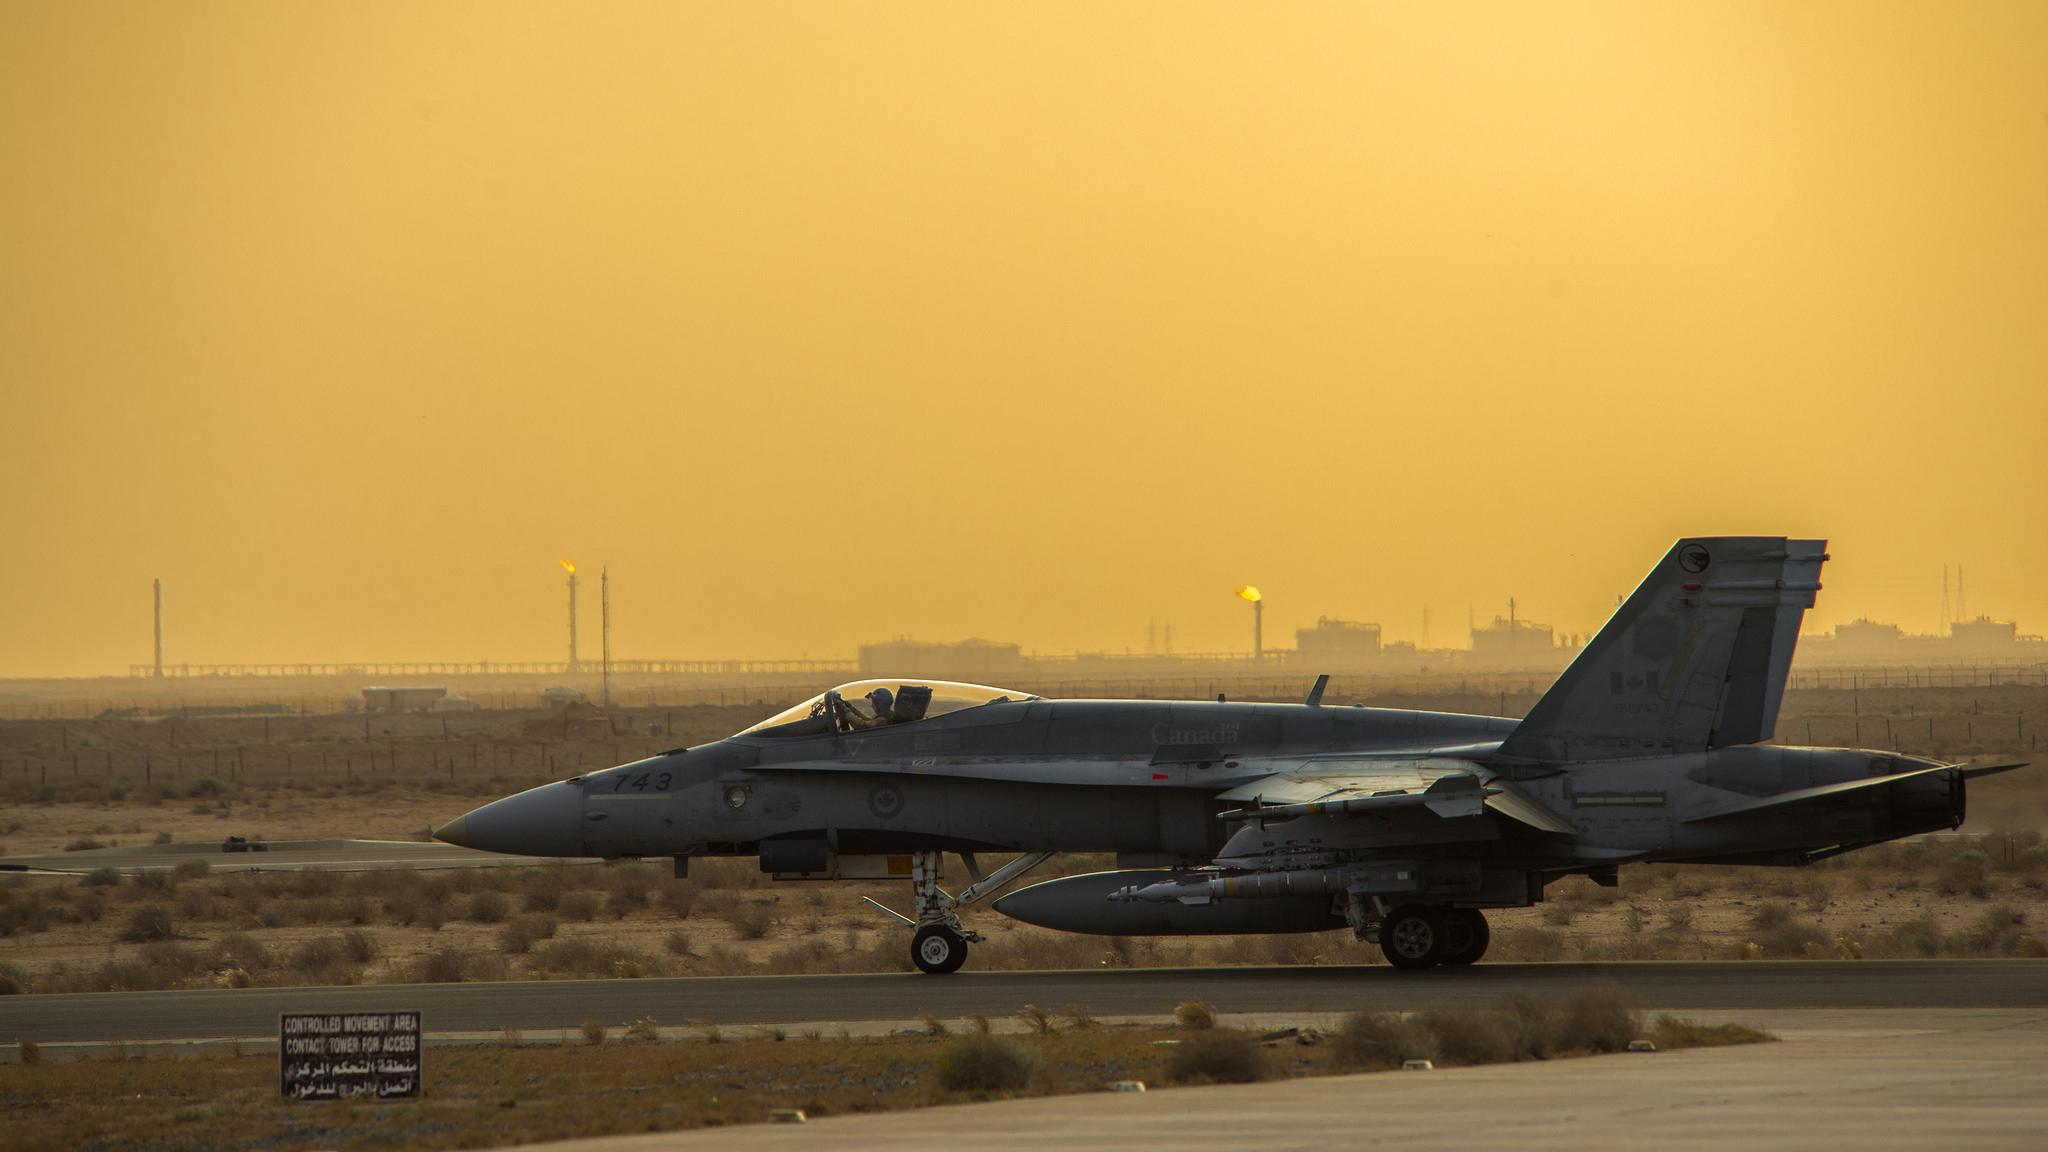 A Canadian CF-18 18 Hornet in Kuwait.